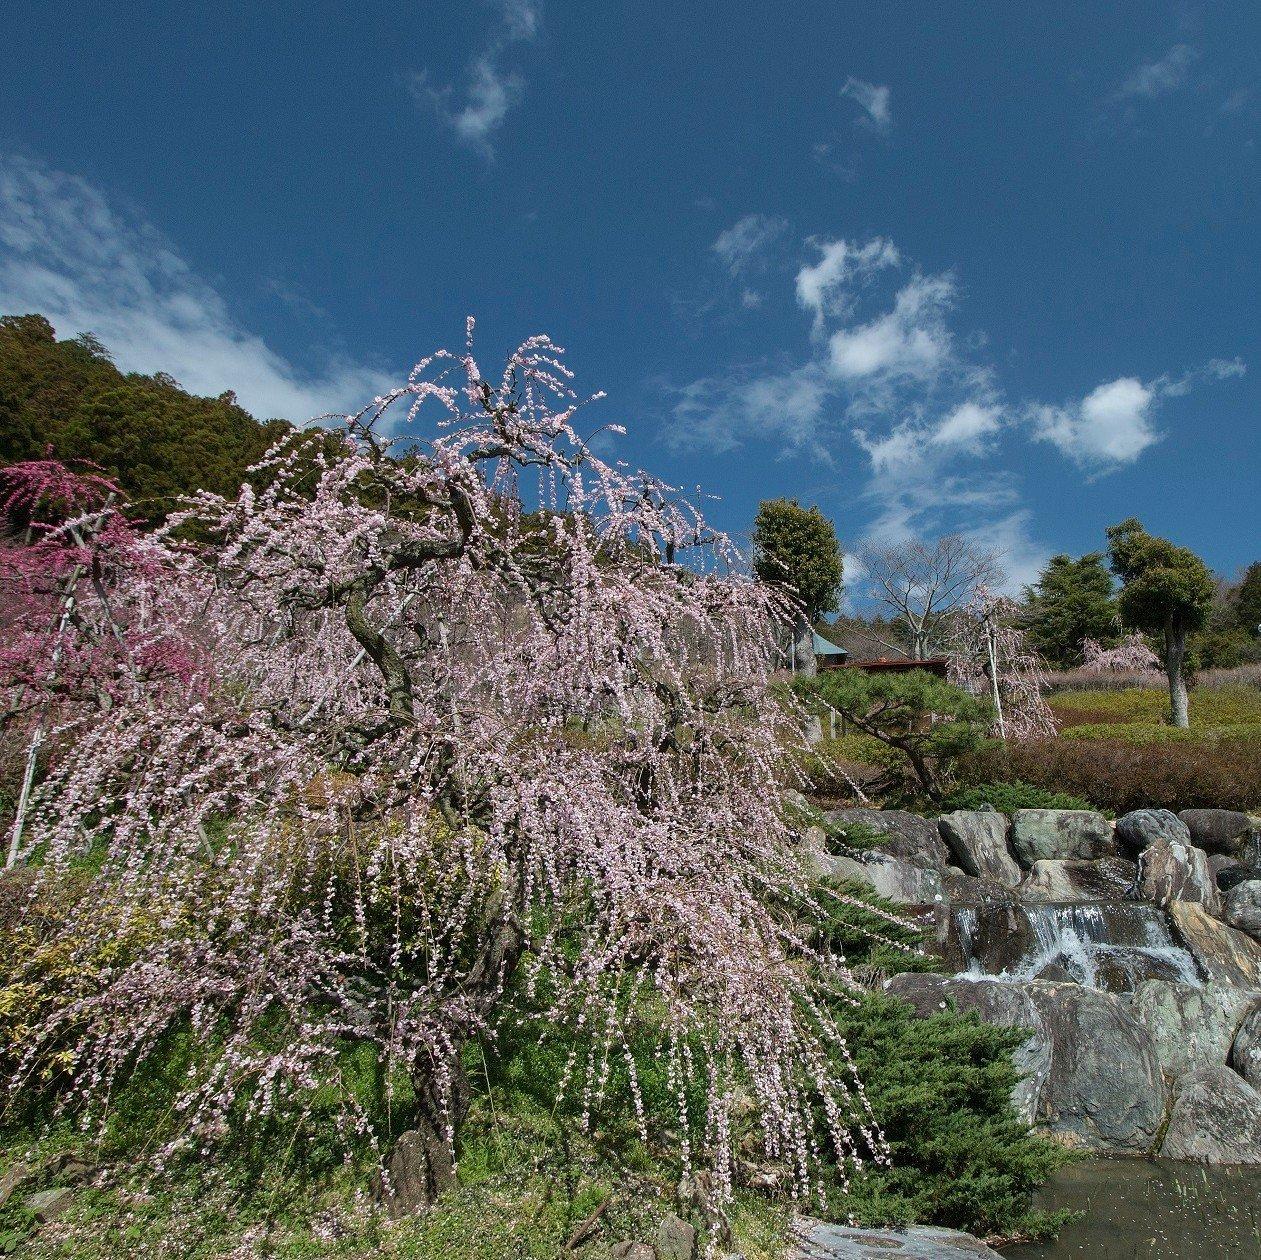 花の奥山高原(はなのおくやまこうげん)/✿のんびりゆったりお散歩♪/いなさマップ「そ」のイメージその2